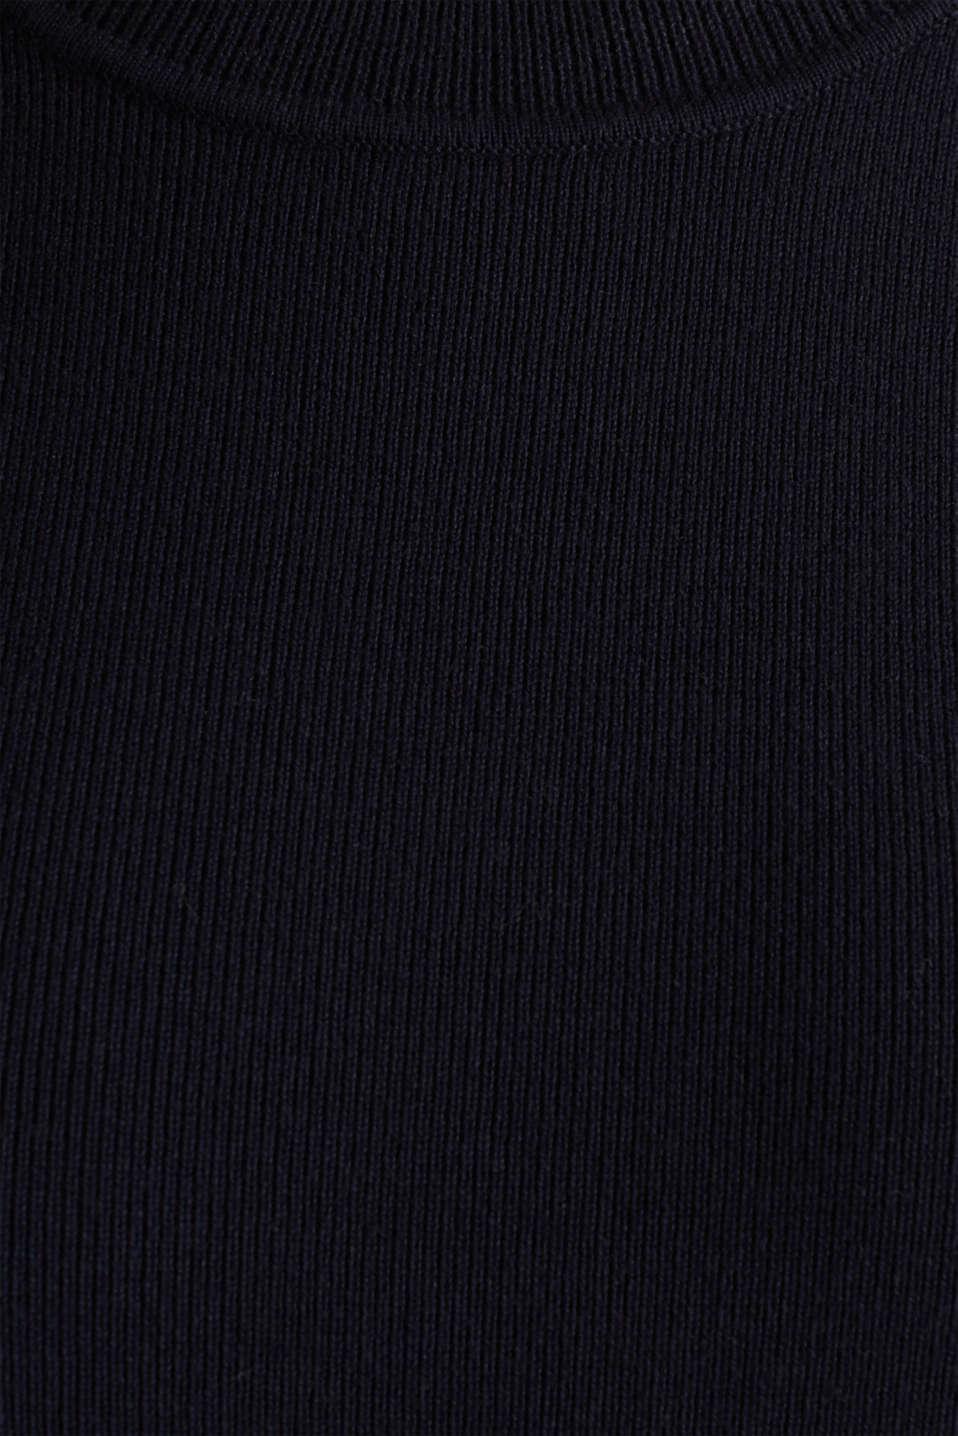 Short-sleeved jumper in blended cotton, NAVY, detail image number 4